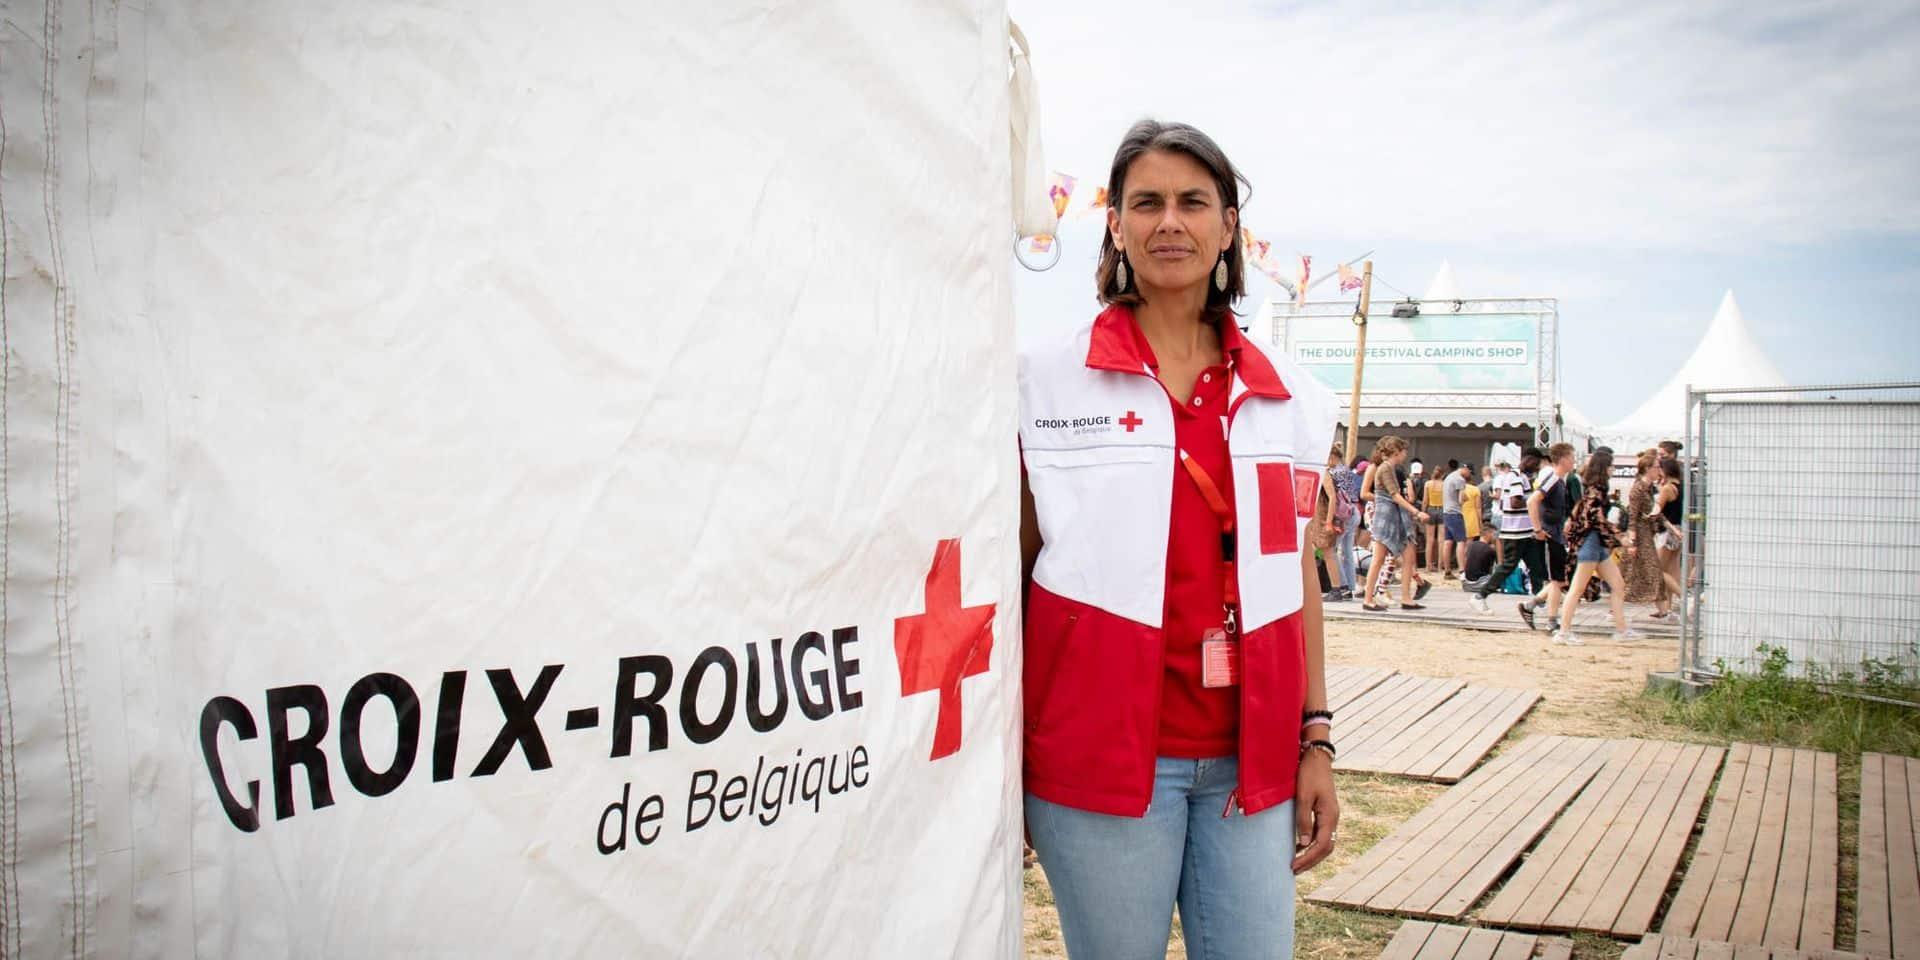 Pour que la fête reste la fête, les services de secours sont mobilisés en nombre sur le site du festival de Dour. Cette année encore, la Croix-Rouge de Belgique a déployé sur le terrain 130 secouristes qui veuillent à la sécurité et à la prise en charge des festivaliers qui le nécessiterait, de jour comme de nuit.